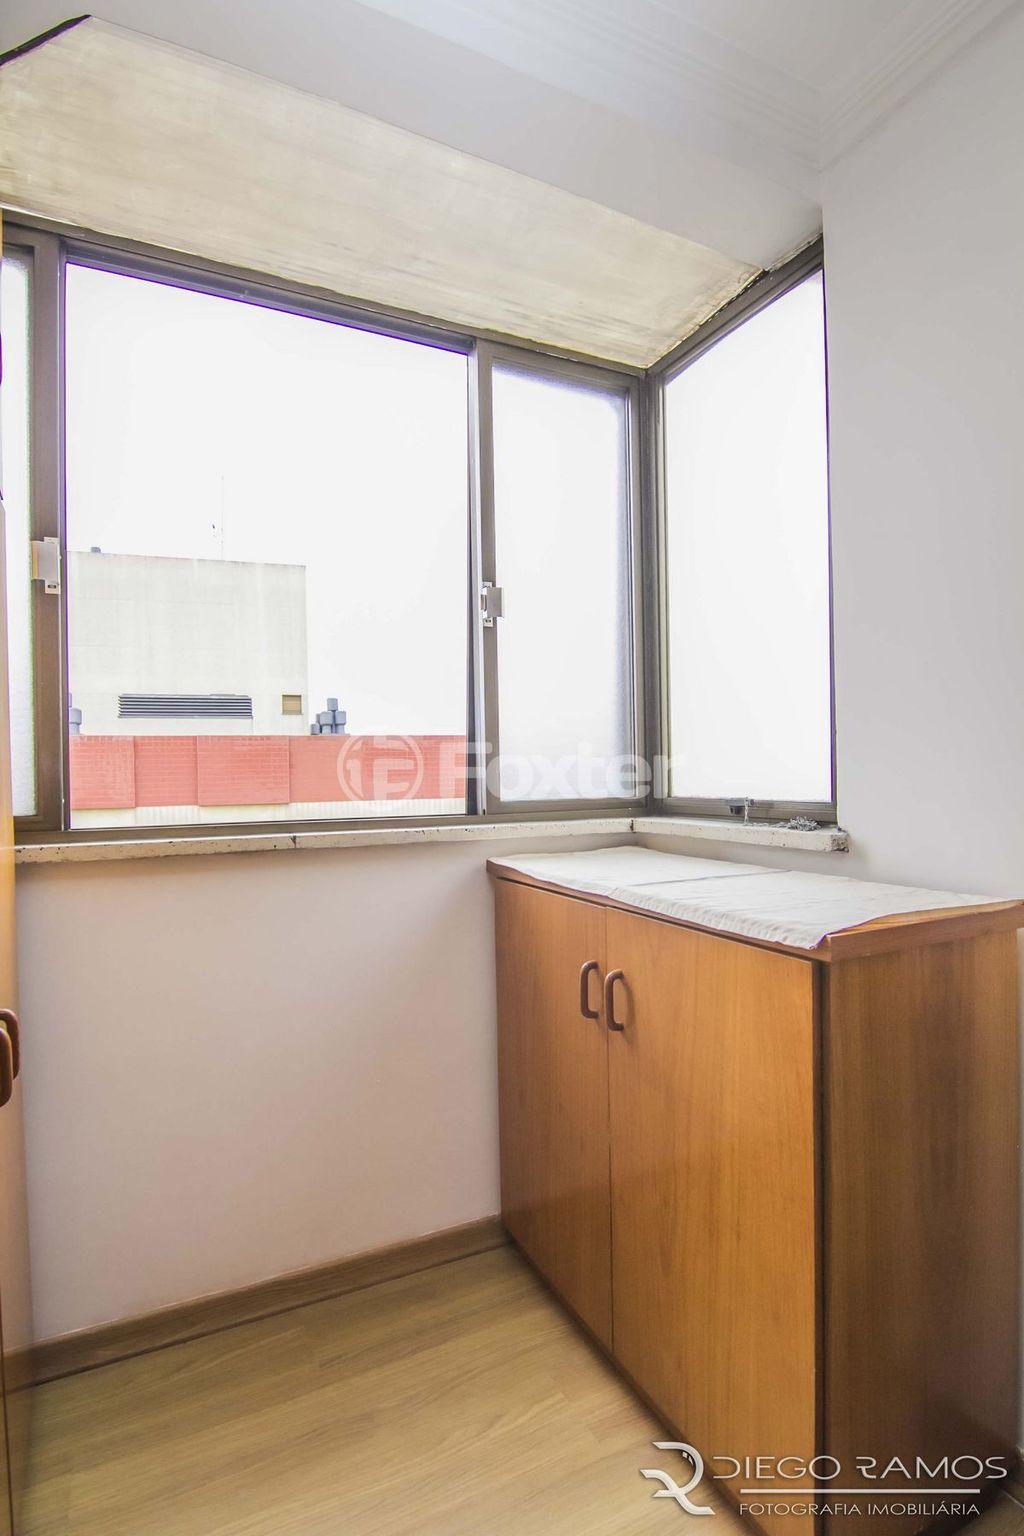 Foxter Imobiliária - Cobertura 1 Dorm (147353) - Foto 17